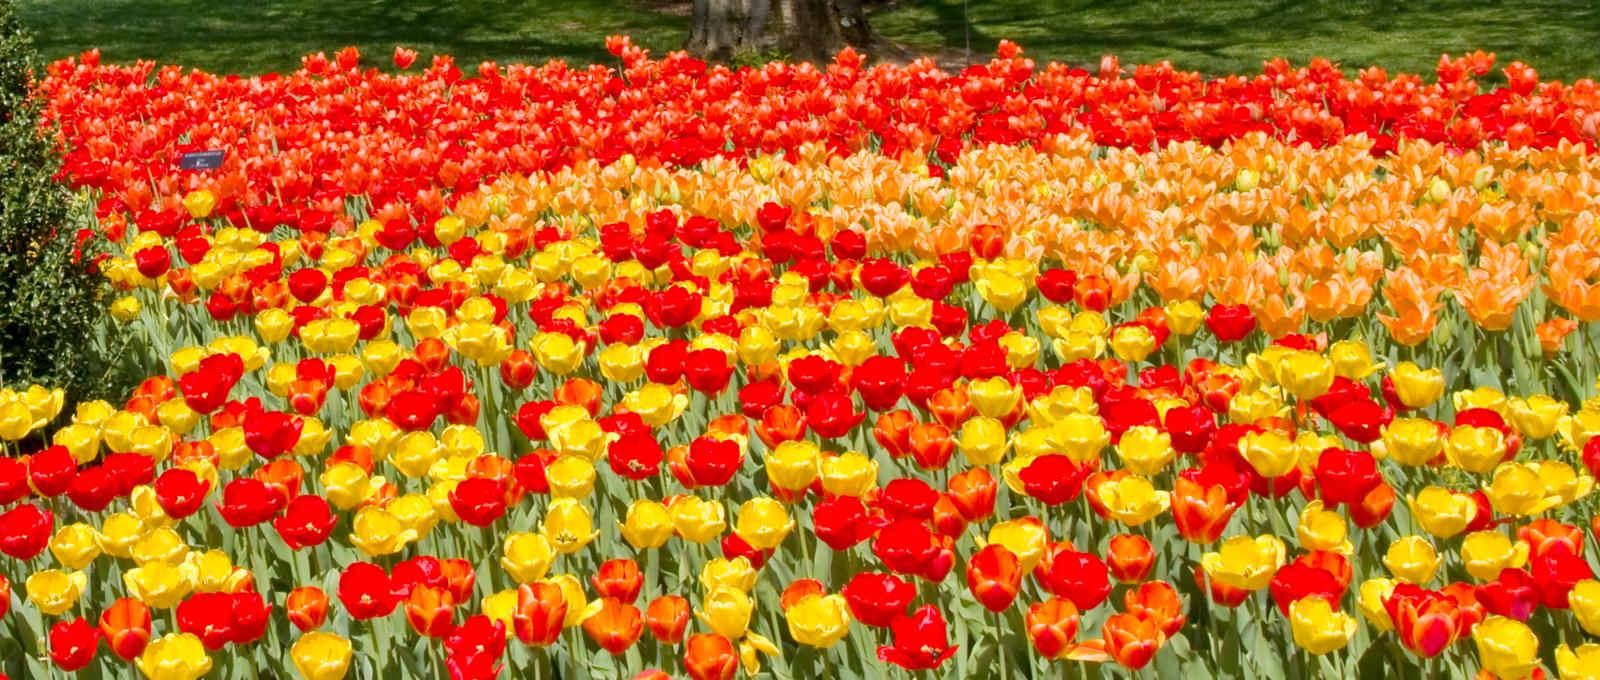 满目鲜花,五彩缤纷